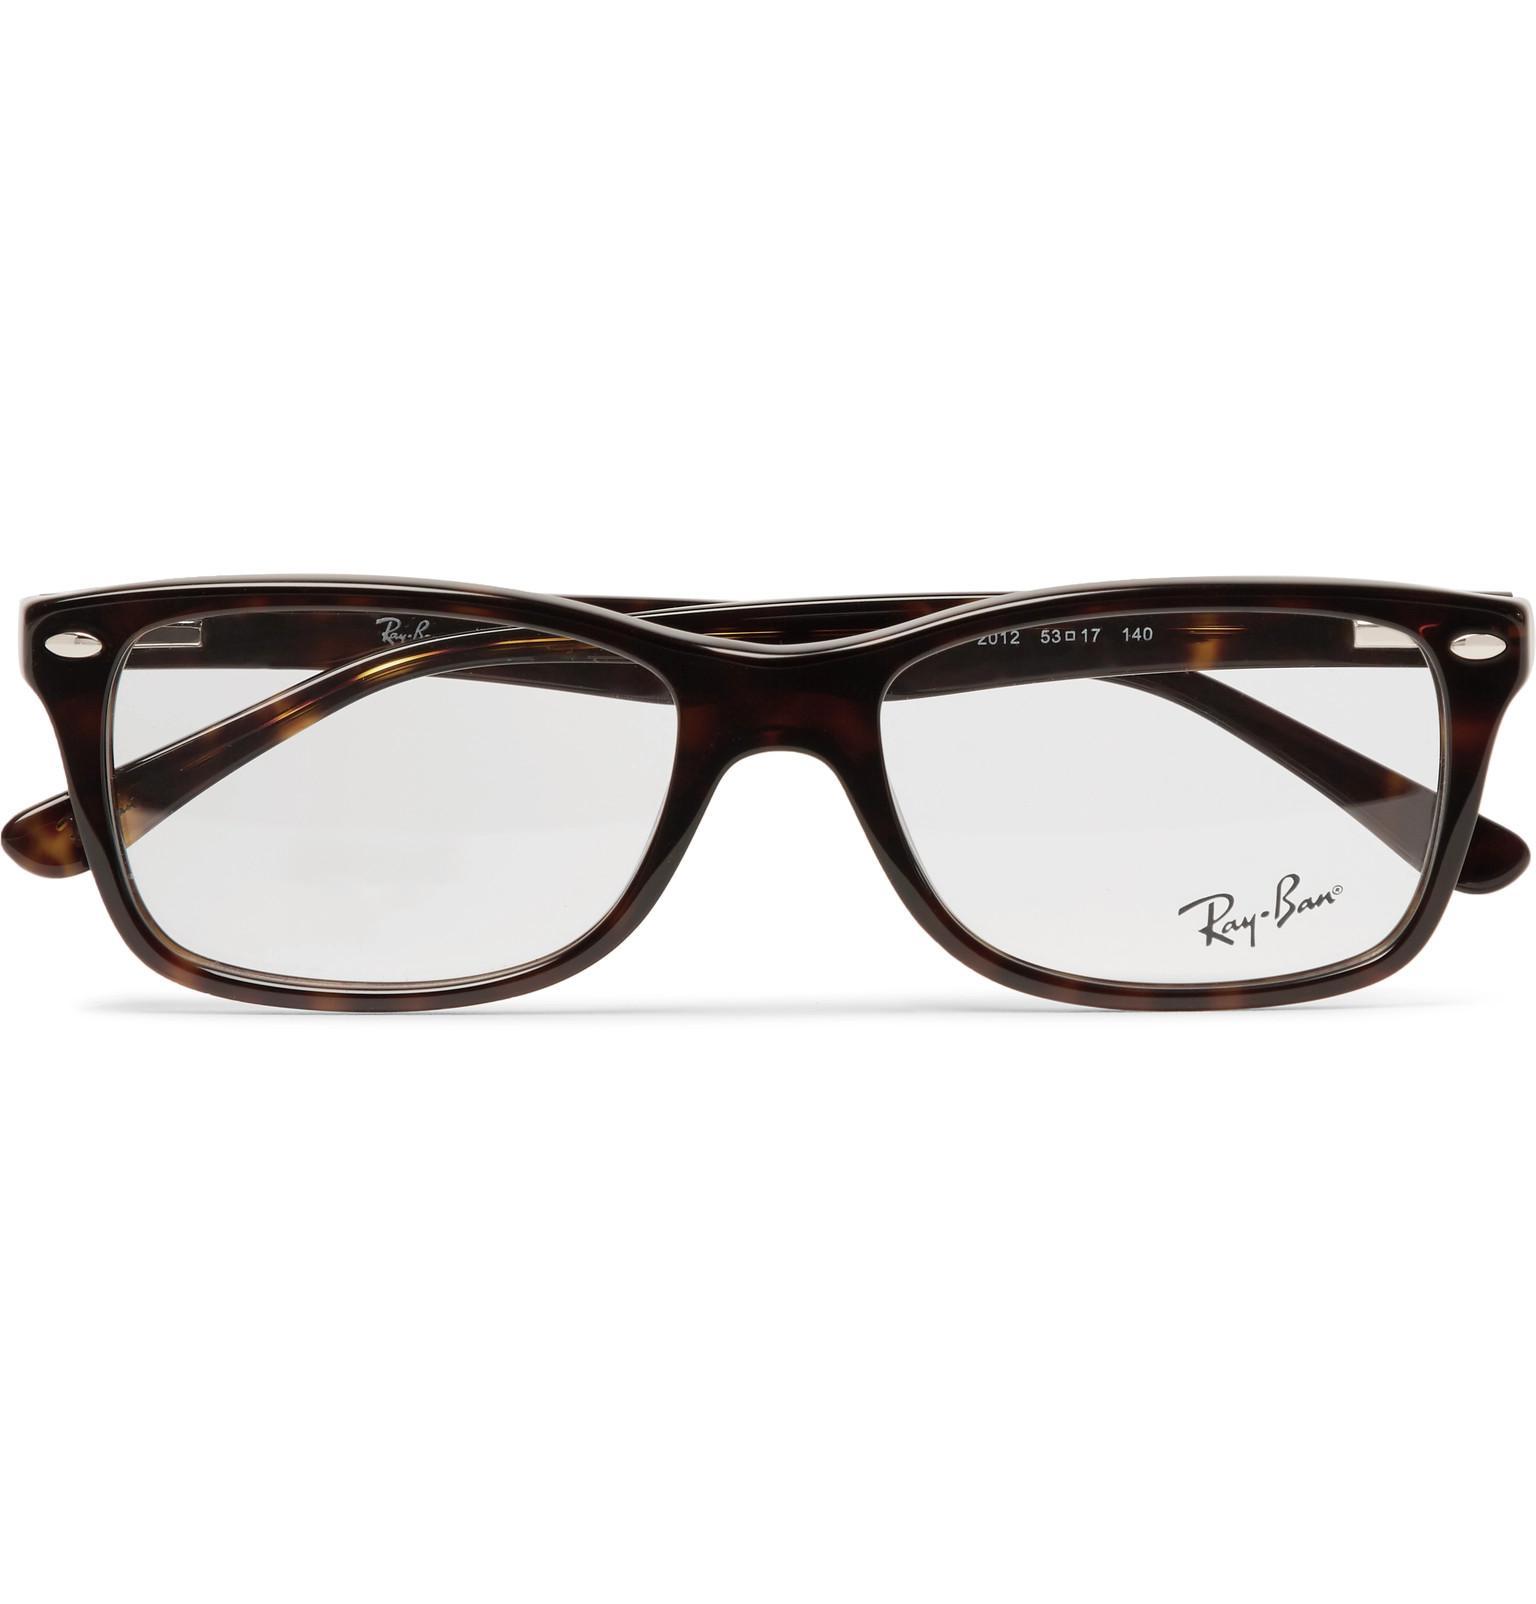 16cd0448f3116 Ray-Ban. Men s Brown Square-frame Tortoiseshell Acetate Optical Glasses.   180 From MR PORTER